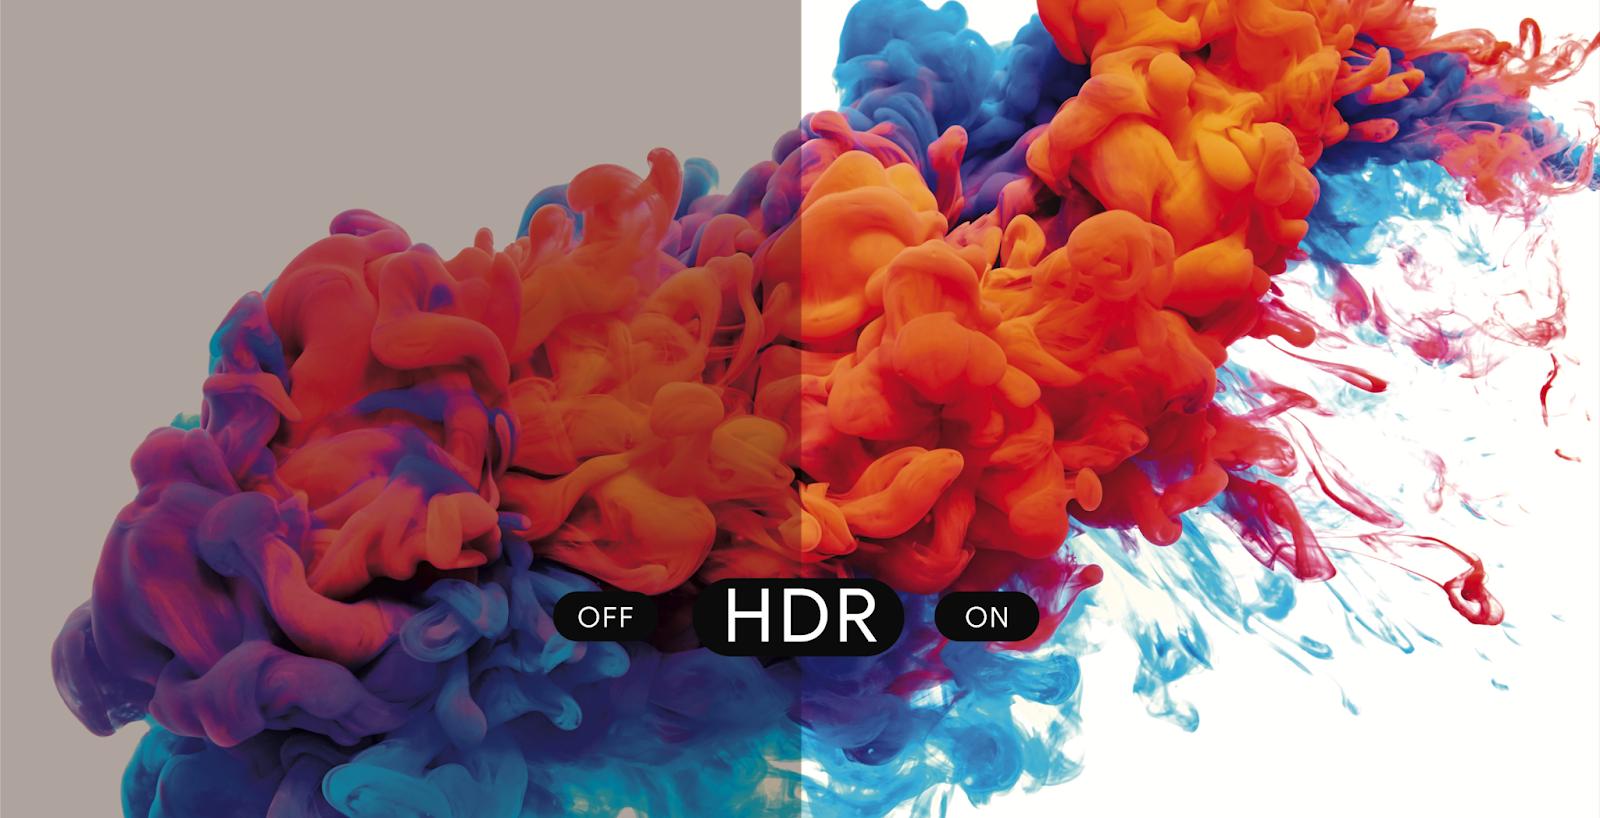 SMART TIVI CASPER HDR TÁI TẠO RỰC RỠ BƯC TRANH CUỘC SỐNG